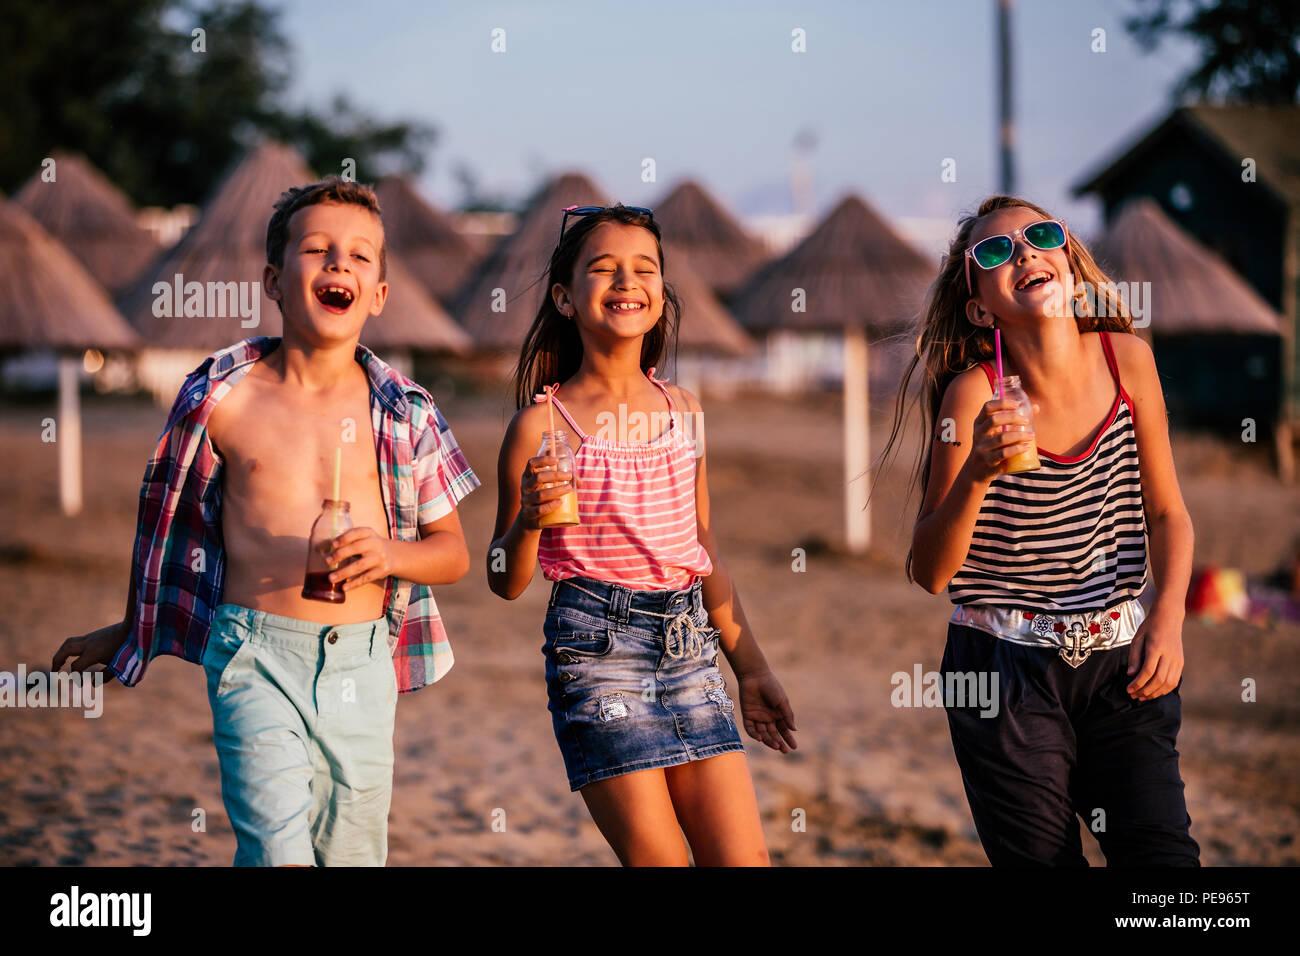 Glückliche Kinder Spaß beim Wandern entlang einem Sandstrand. Sommer und Travel Concept Stockbild